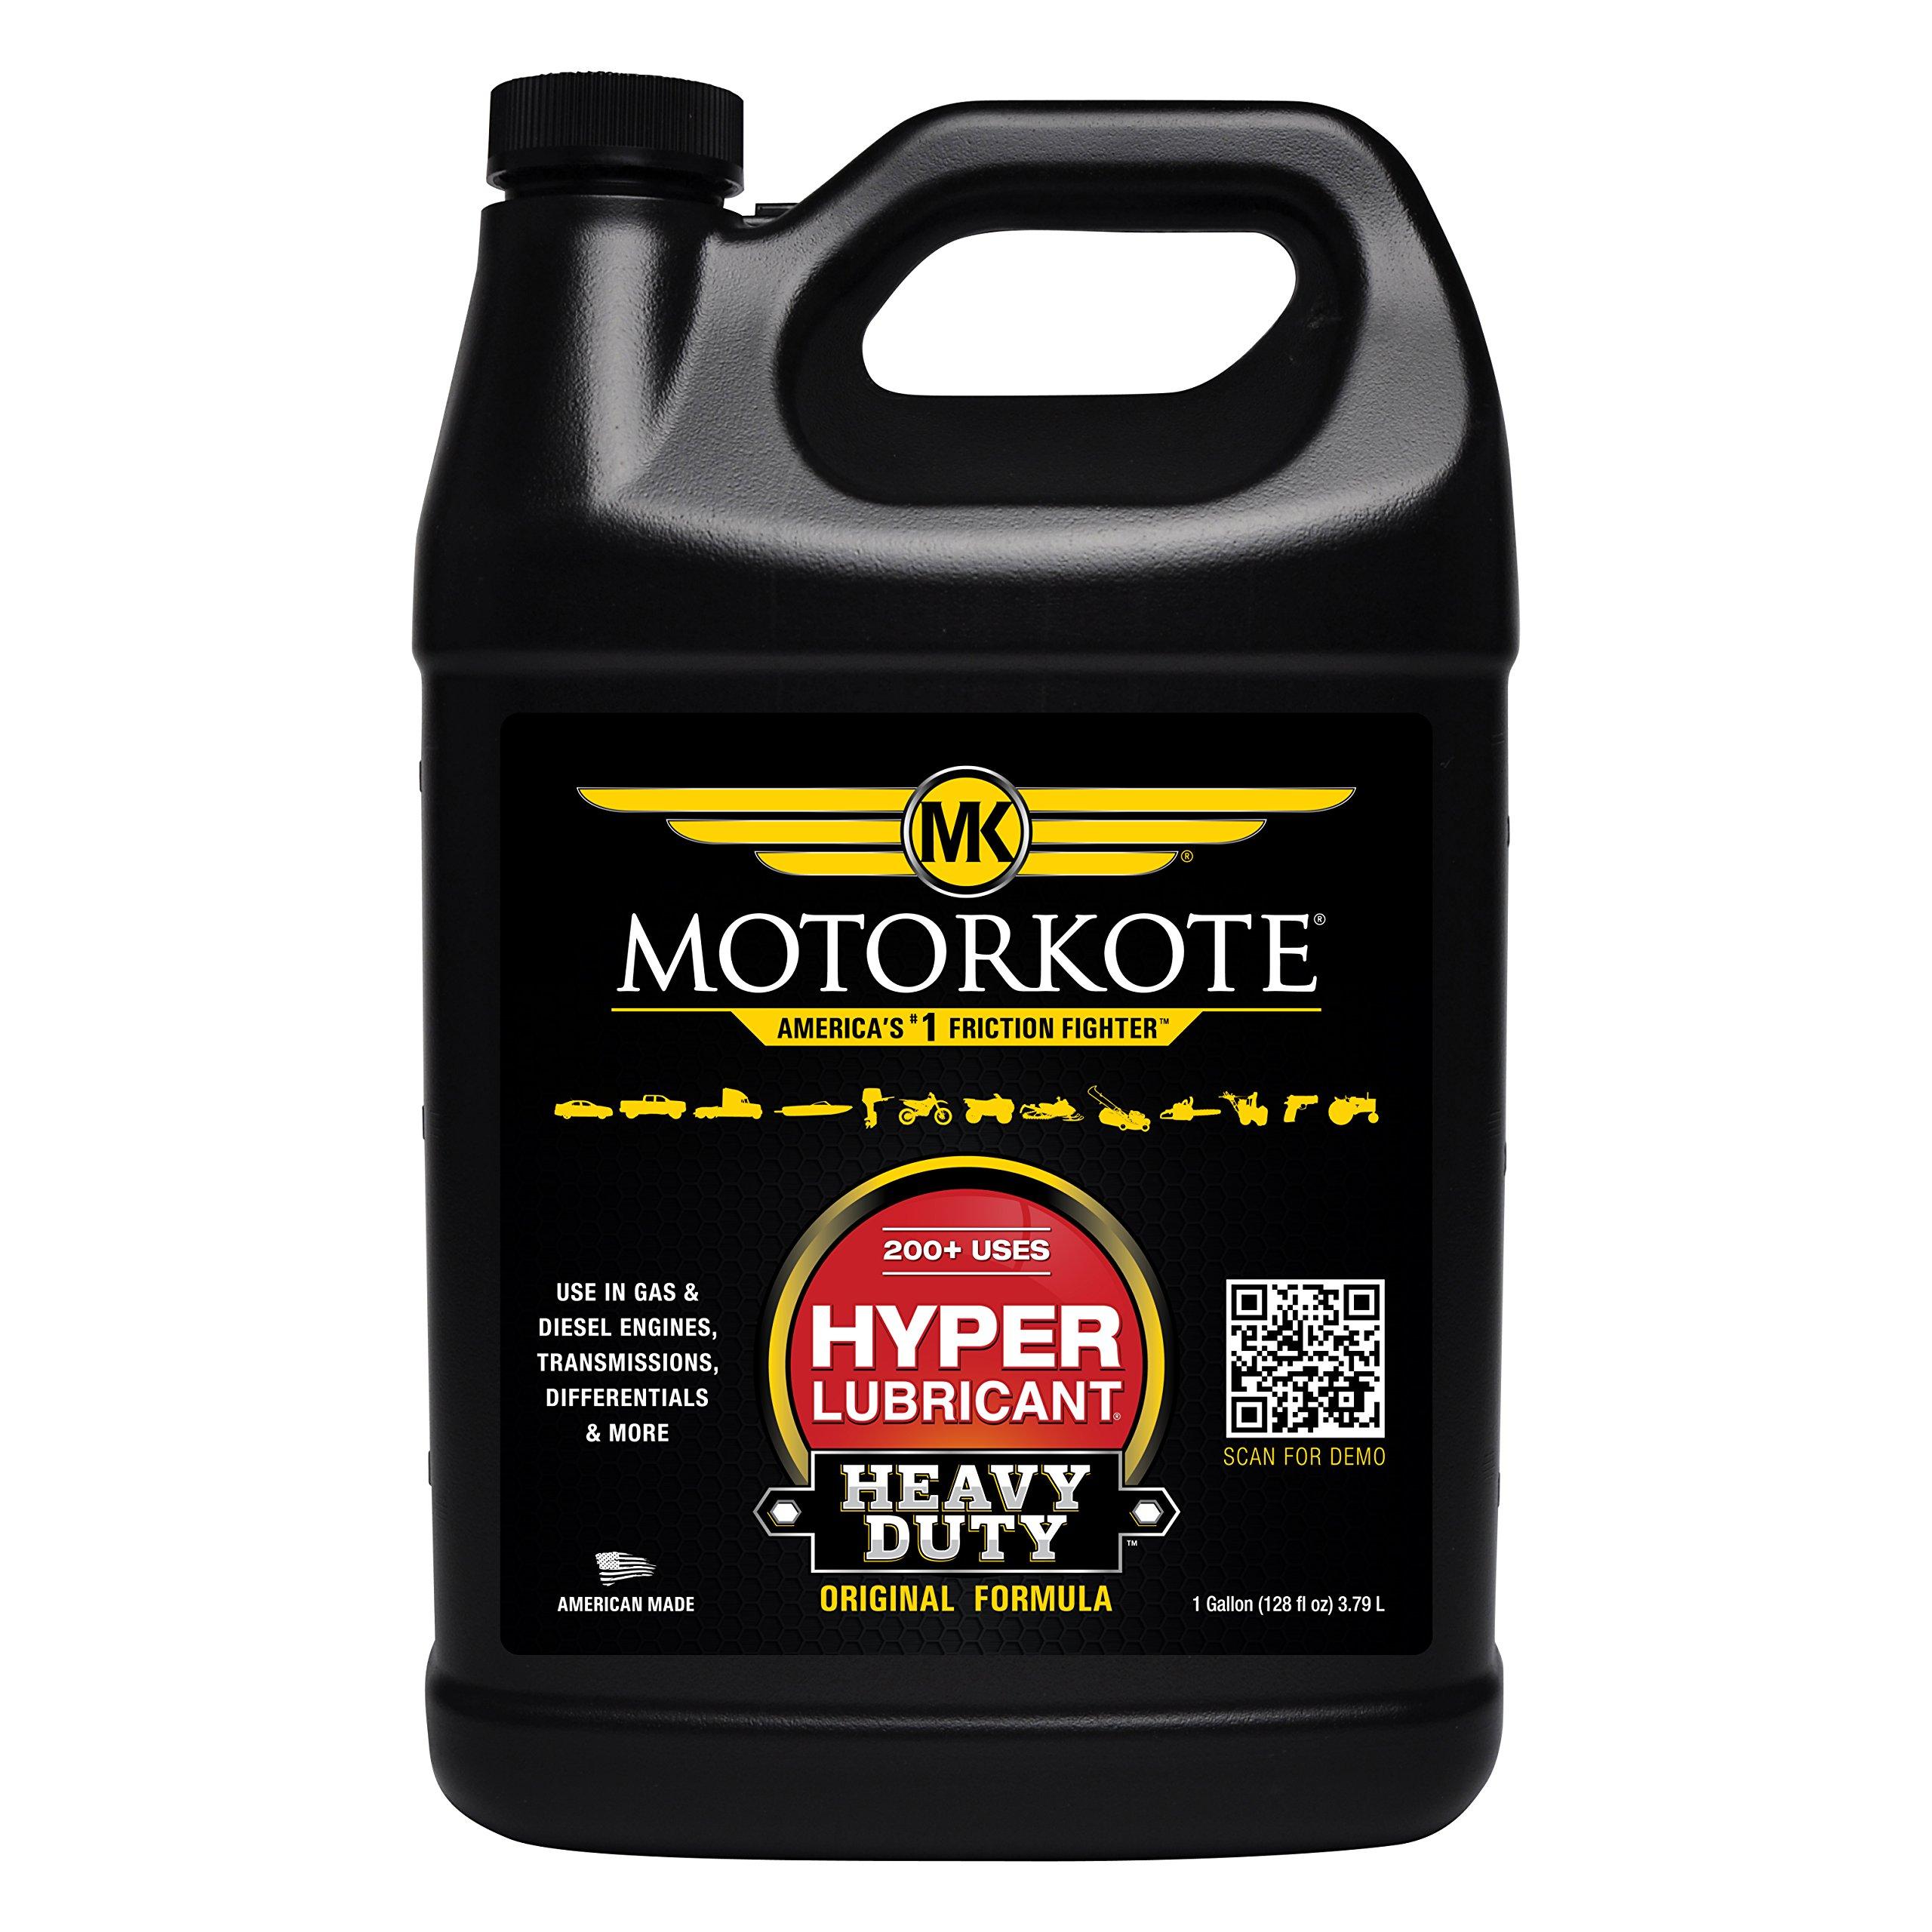 Motorkote MK-ET01G-04 Heavy Duty Hyper Lubricant, 1-Gallon, Single